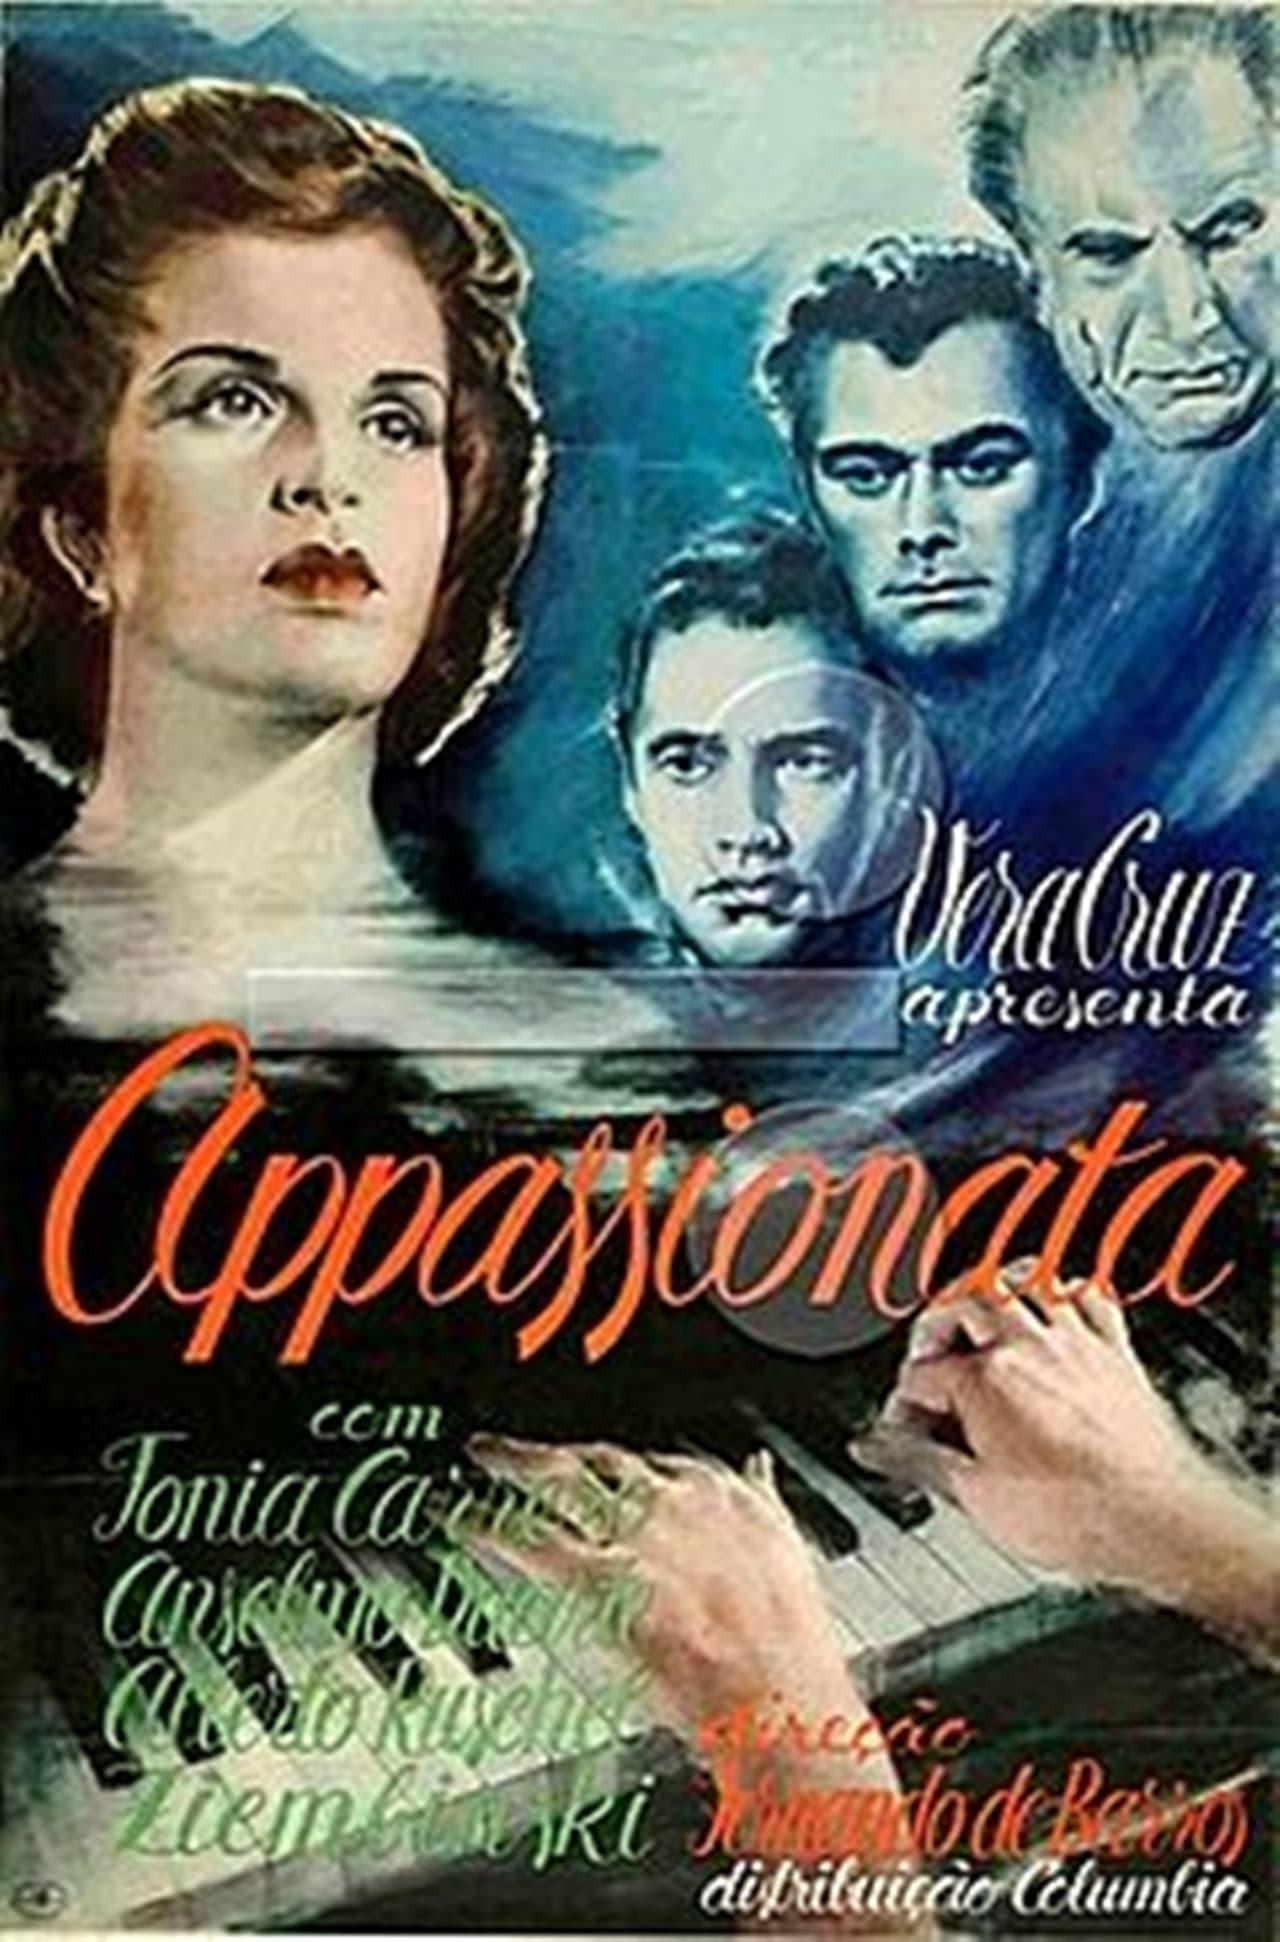 Appassionata [Nac] – IMDB 6.8